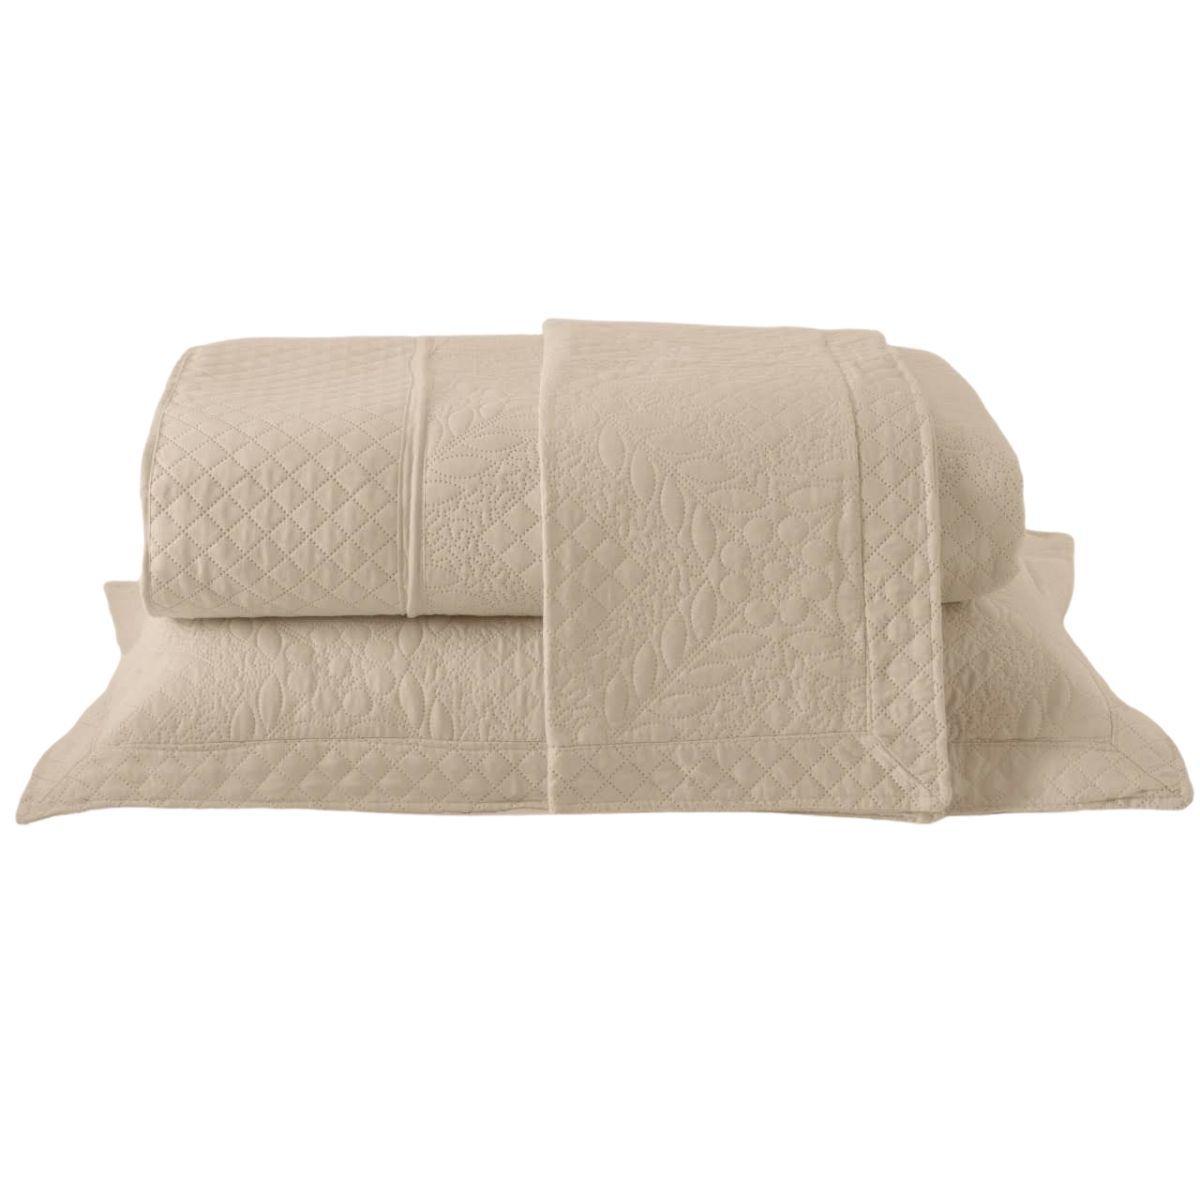 Kit: 1 Colcha Cobre-leito Provence Queen de Microfibra Ultrasonic + 2 Porta-travesseiros PALHA